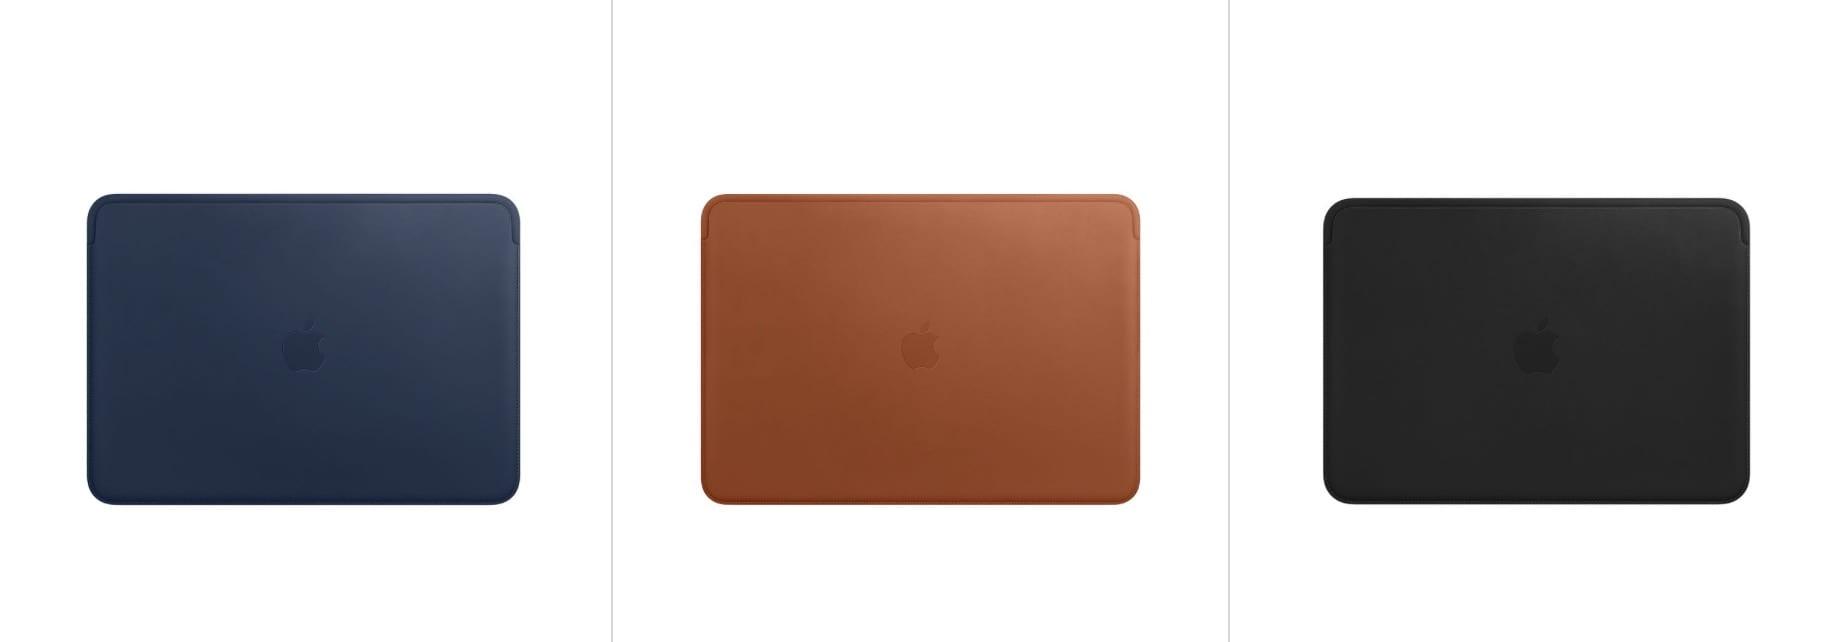 macbook pro 2018 leather sleeve - Dostupné sú nové kožené obaly pre MacBook Pro a MacBook